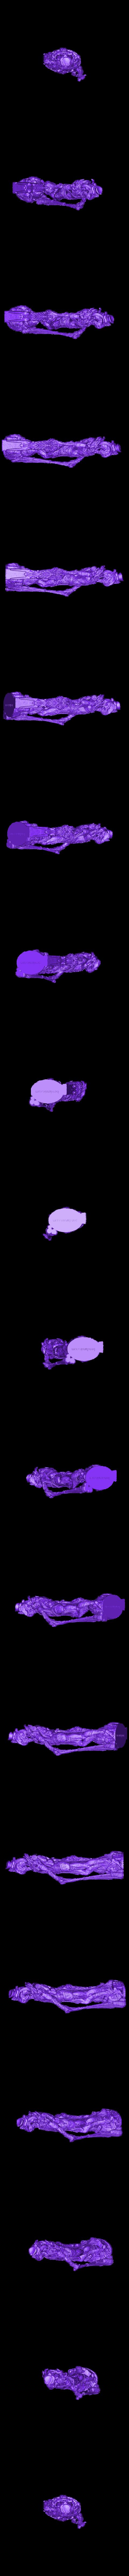 Snakeman_High.stl Télécharger fichier STL gratuit Serpentine Merchant • Objet à imprimer en 3D, bendansie